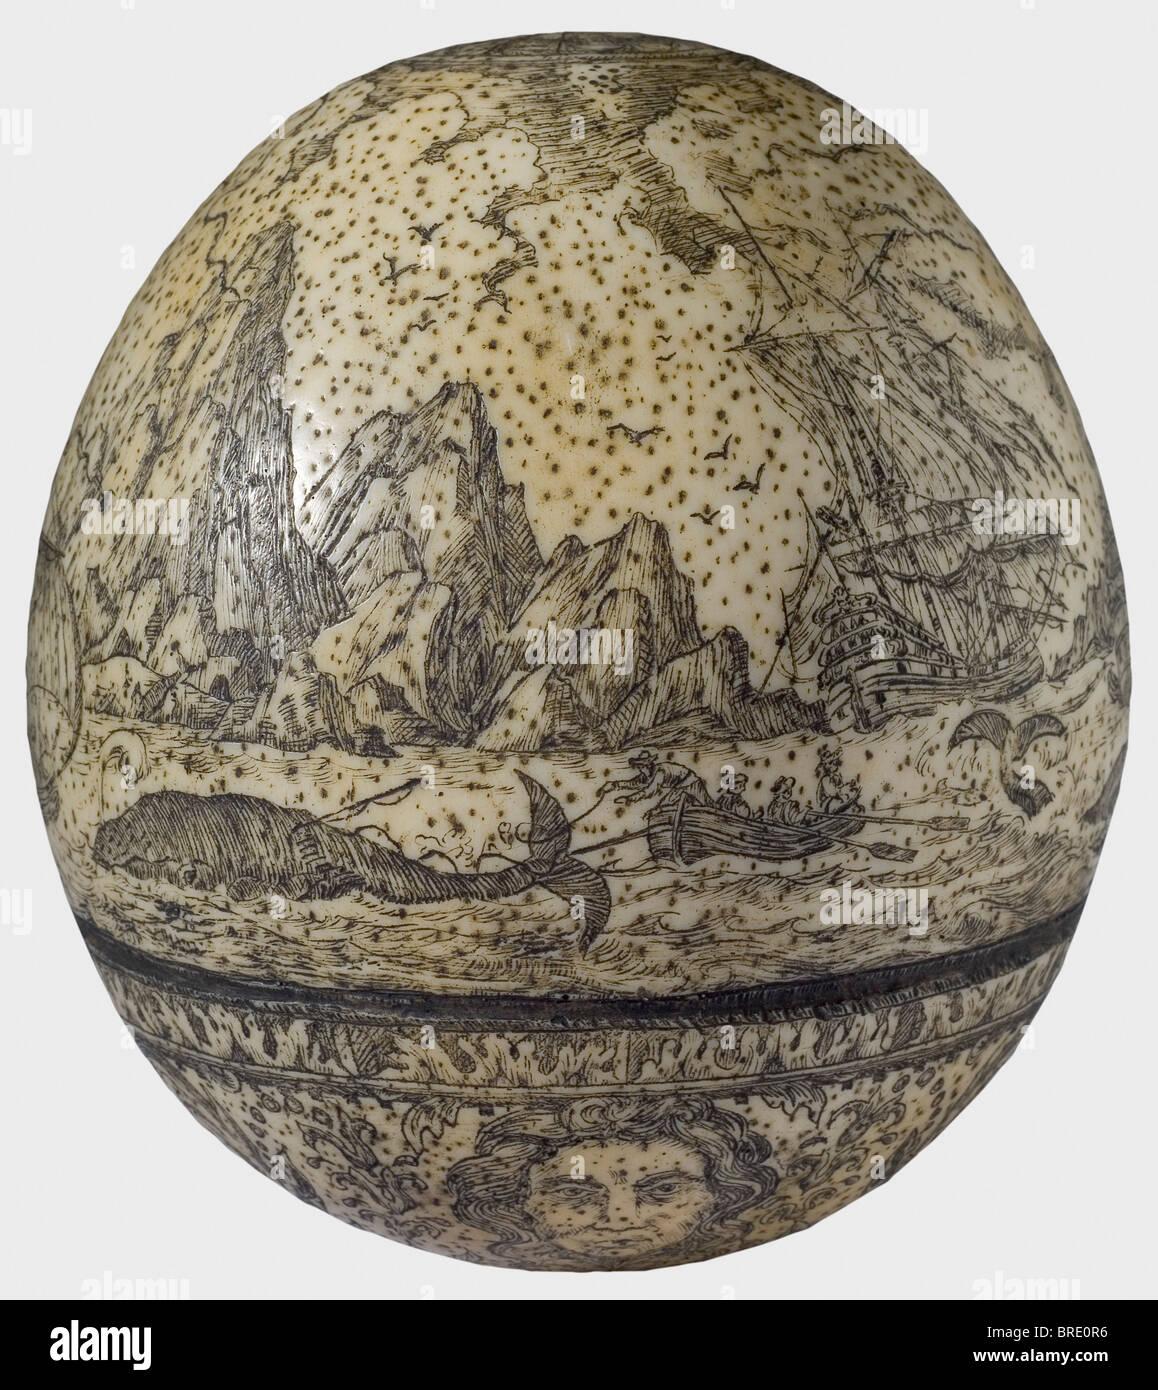 Gravée d'un œuf d'autruche, l'Angleterre ou la Scandinavie, vers 1700 Intact œuf d'autruche Photo Stock